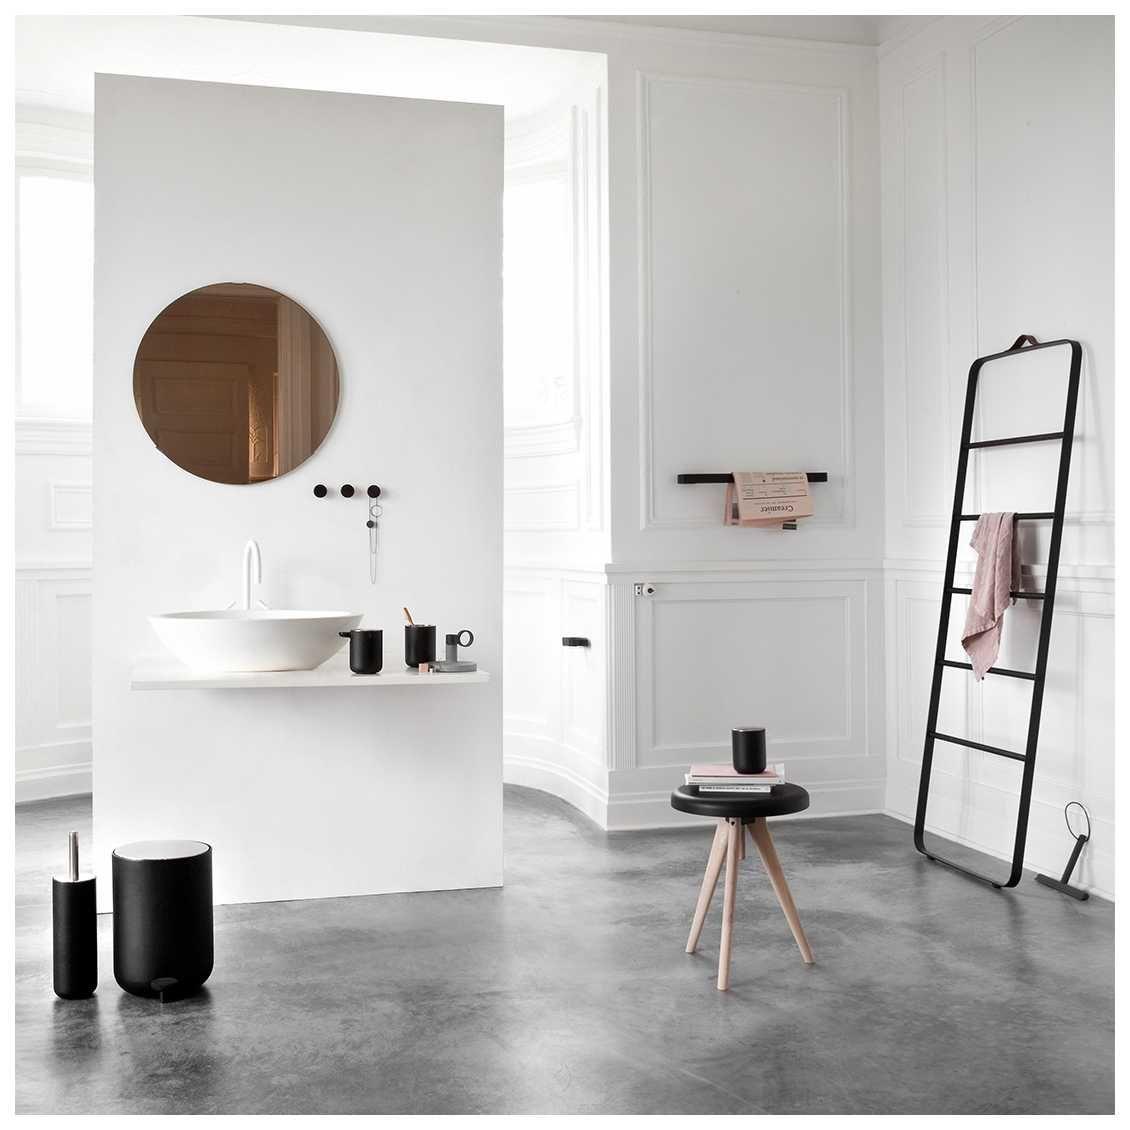 Het #Towel Ladder #Handdoekenrek is een ontwerp van #NormArchitects ...